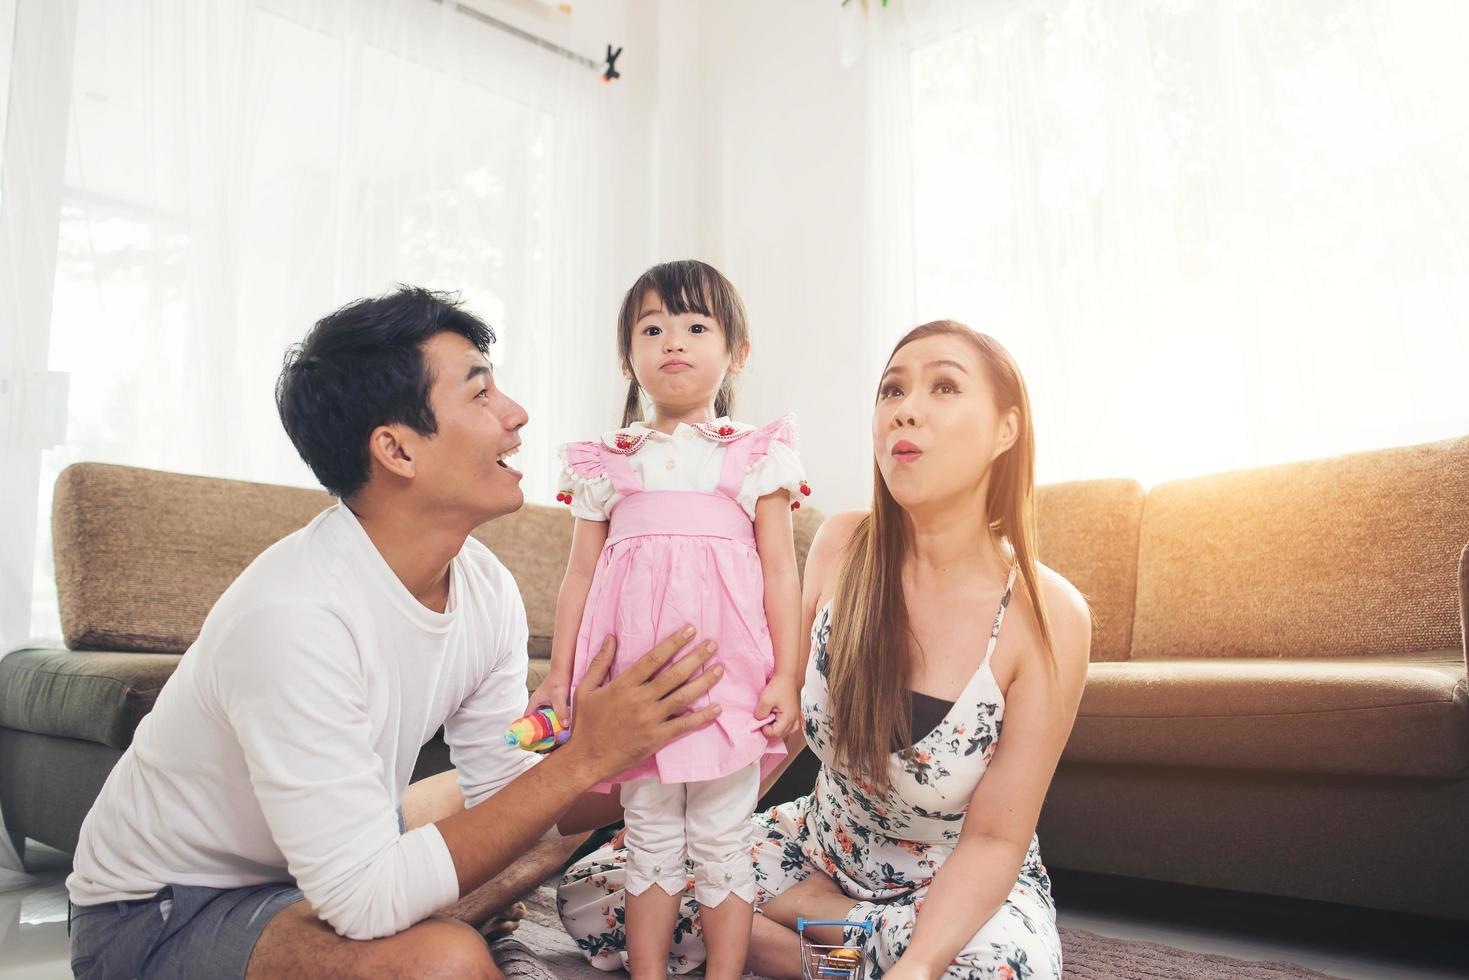 bambino con i suoi genitori che giocano sul pavimento a casa foto